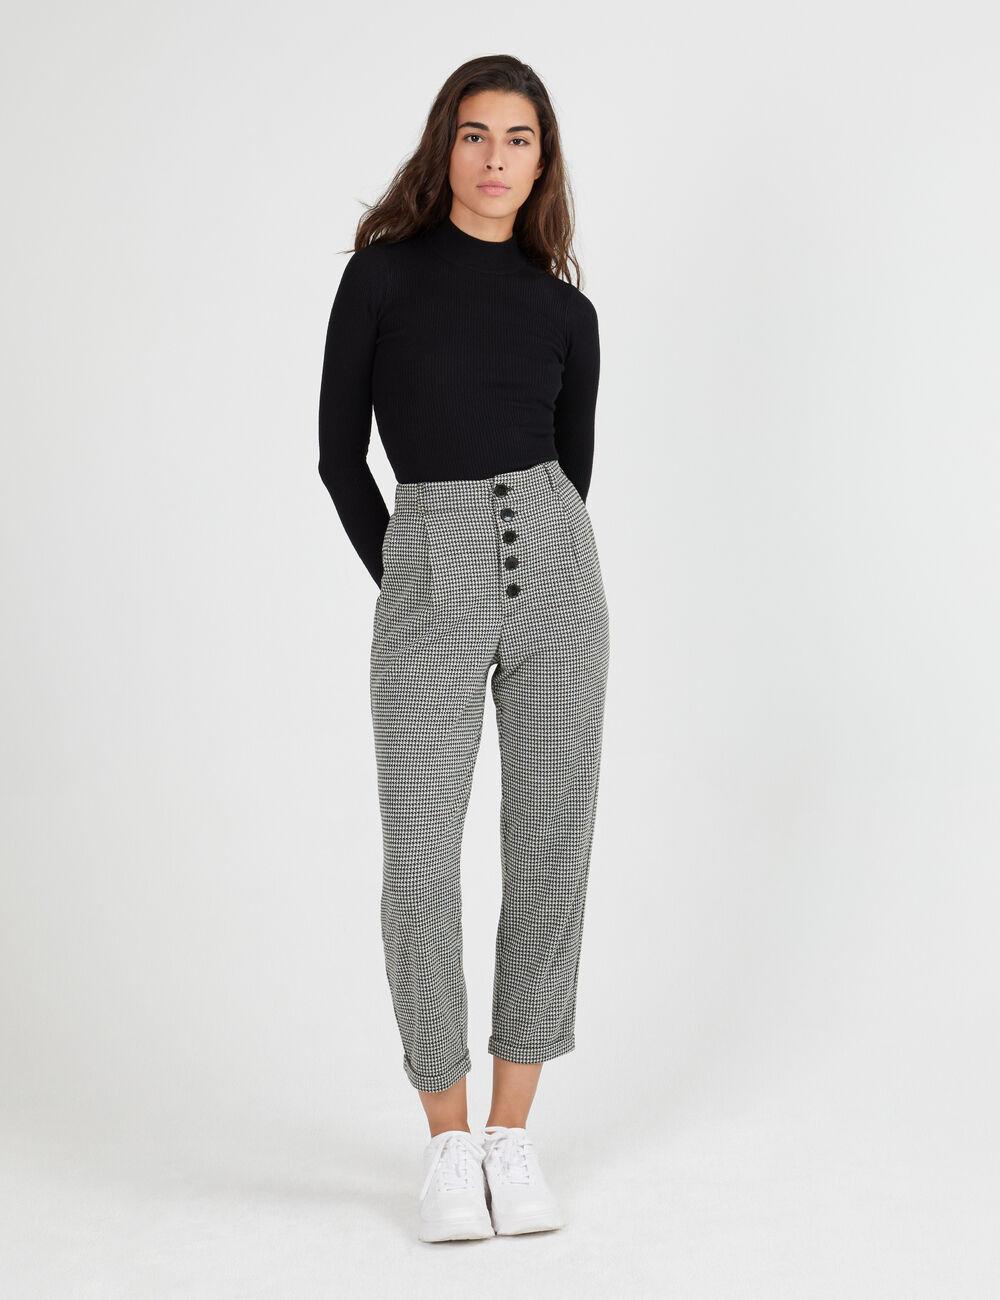 pantalon pied de poule noir et cru femme jennyfer. Black Bedroom Furniture Sets. Home Design Ideas